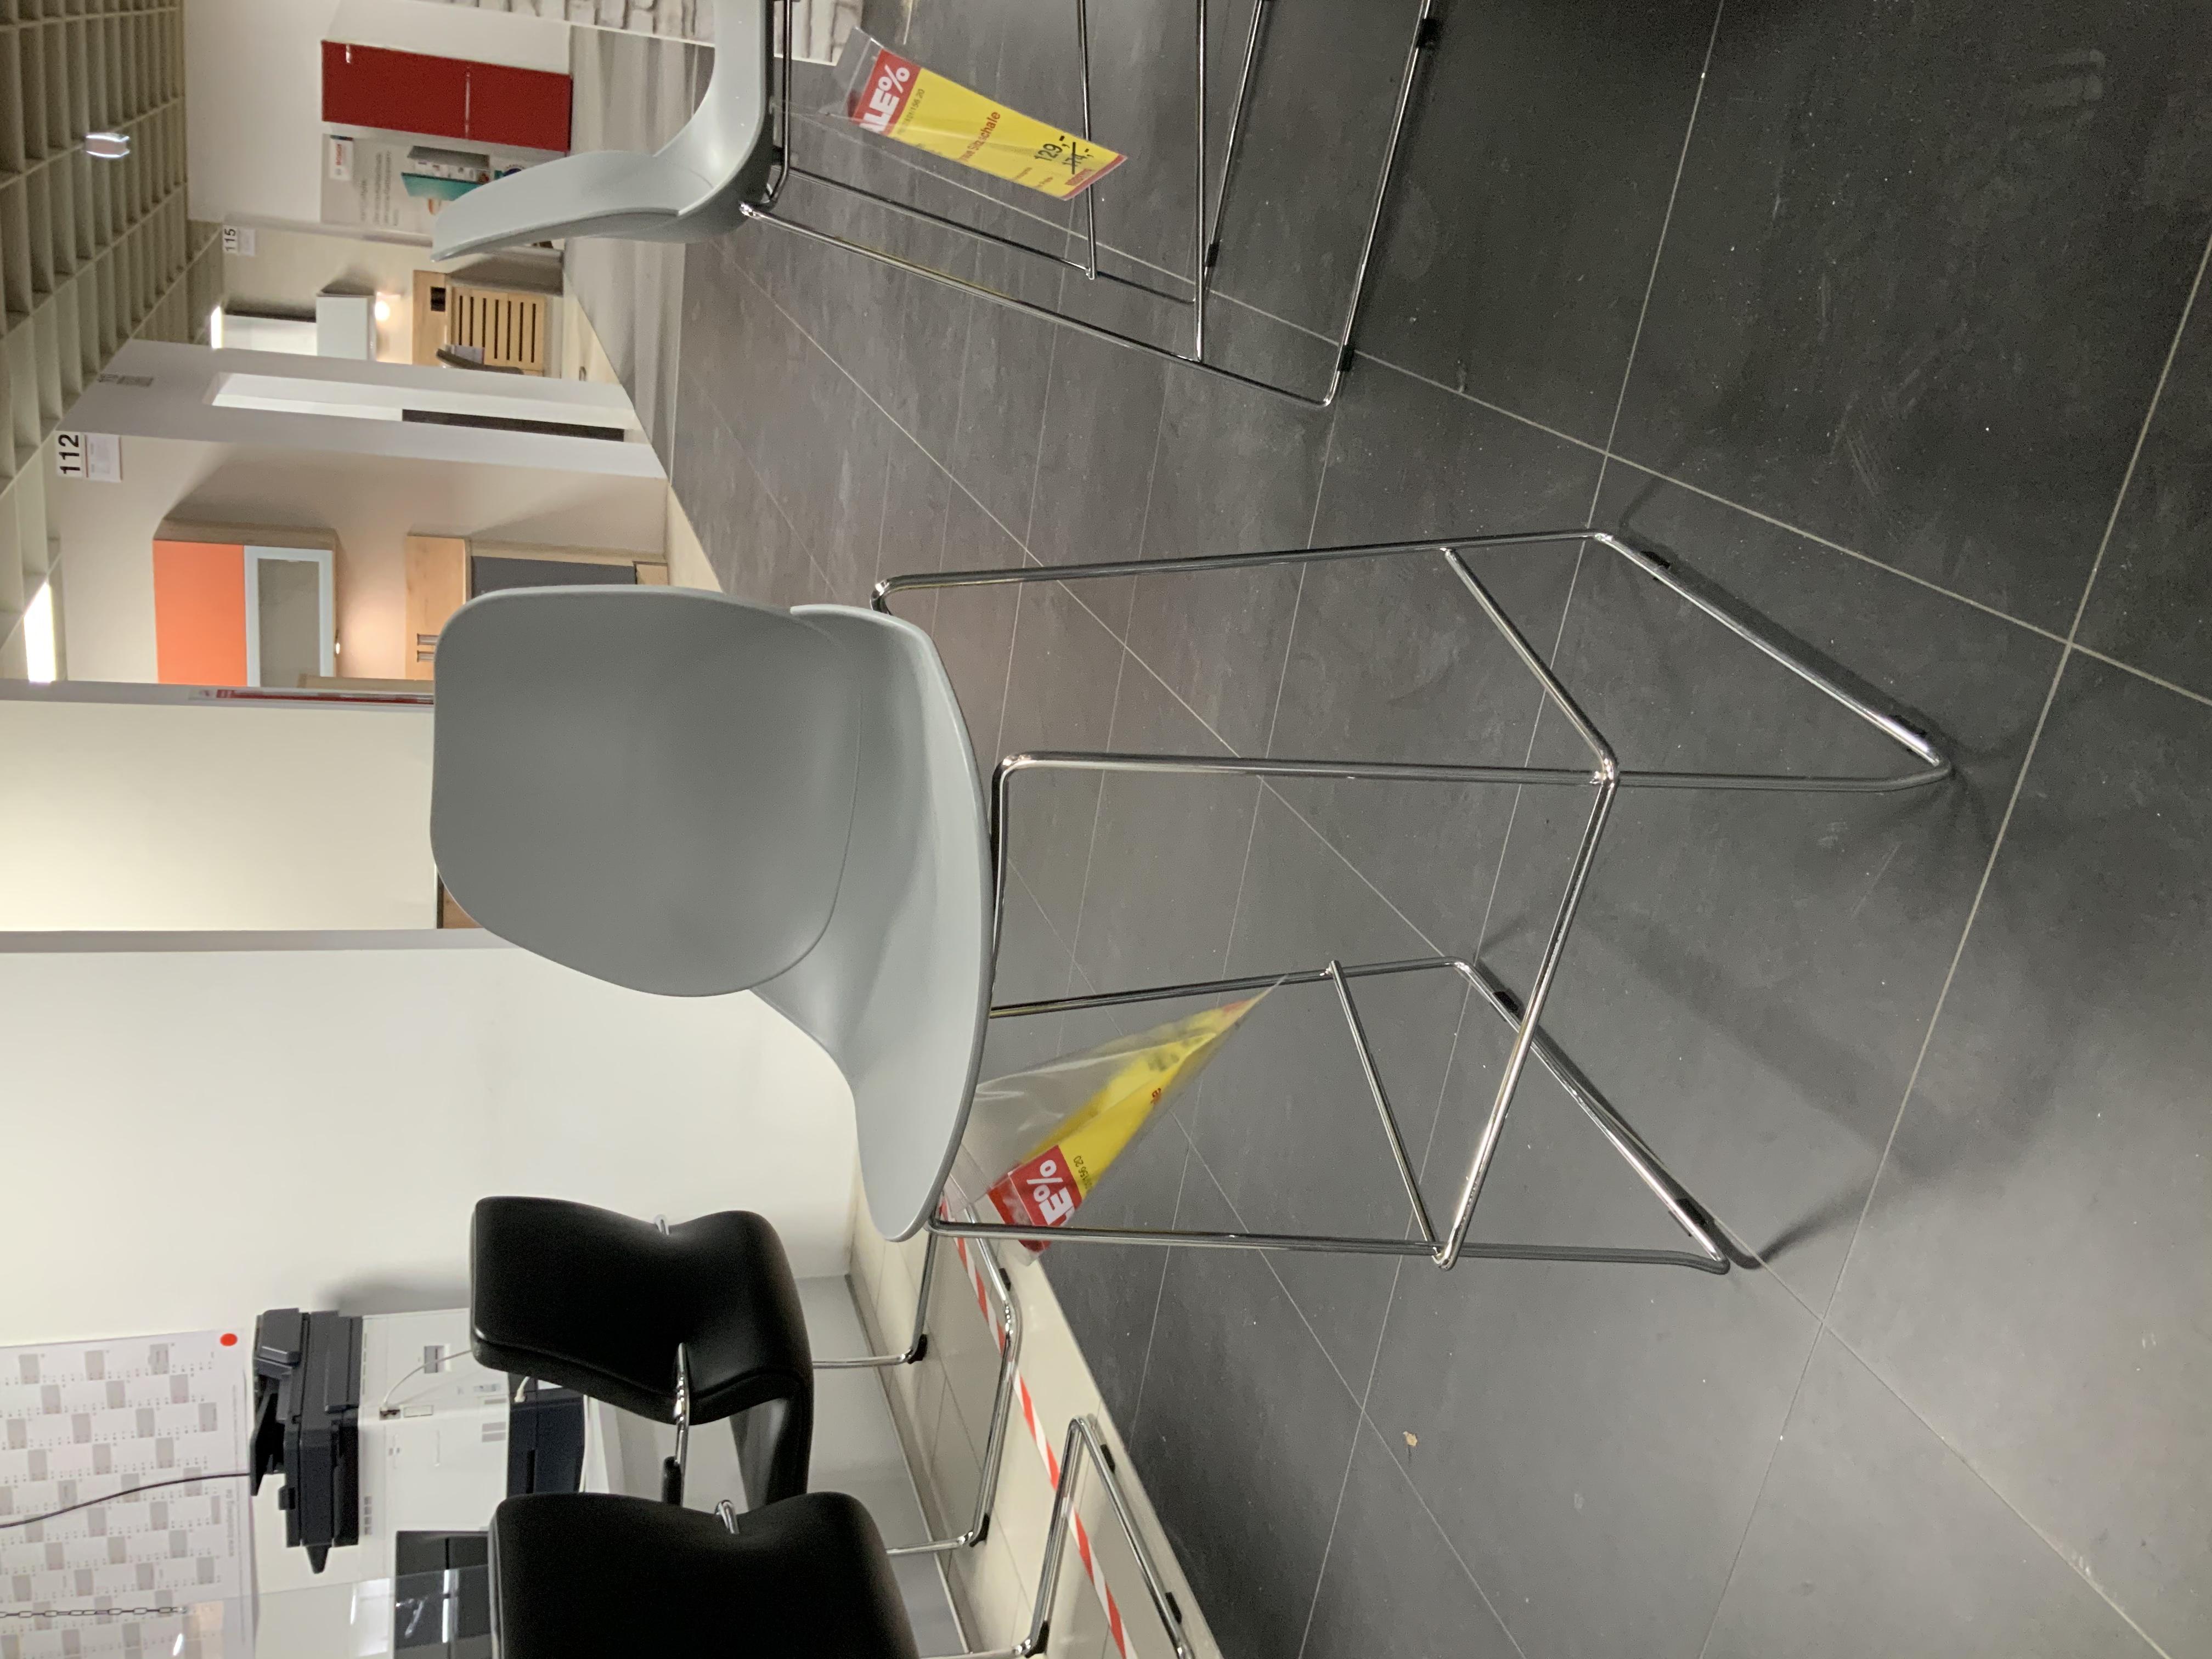 Barstuhl Gestell Chrom, Sitzschale Kunststoff Grau 558084